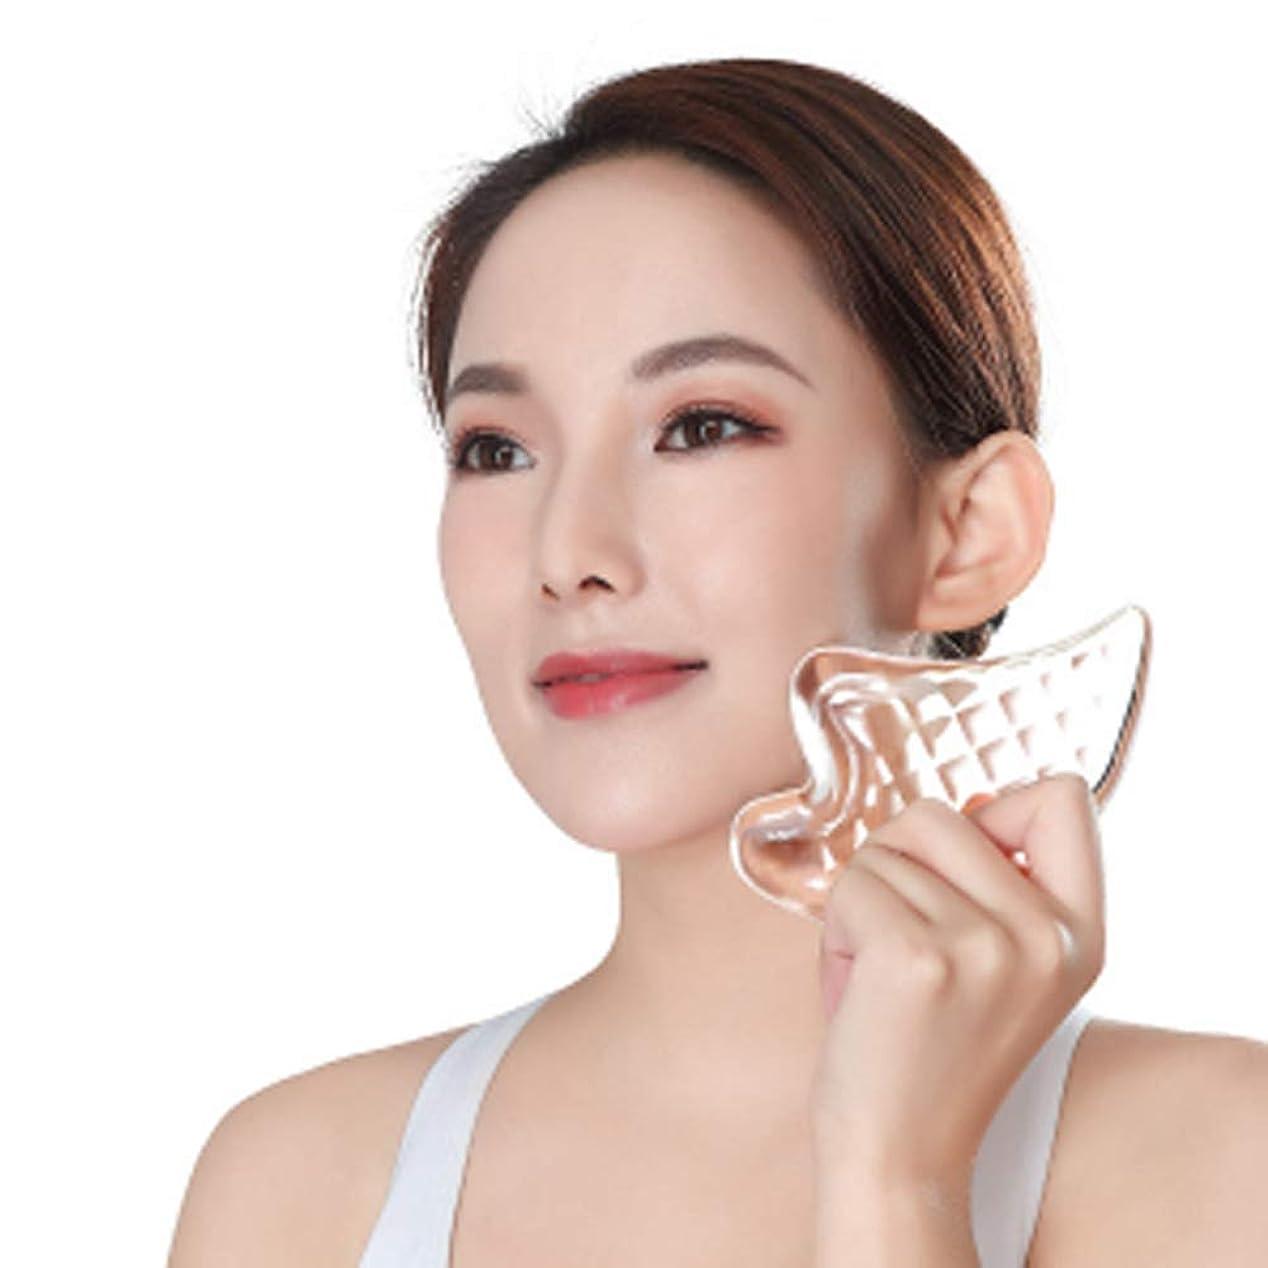 つなぐ損失加速するCangad かっさプレート 美顔器 高品質 3Dクリスタル 小顔 美顔グッズ 羽根型 ボディ マッサージ かっさマッサージ 刮痧 ウィング型 健康グッズ